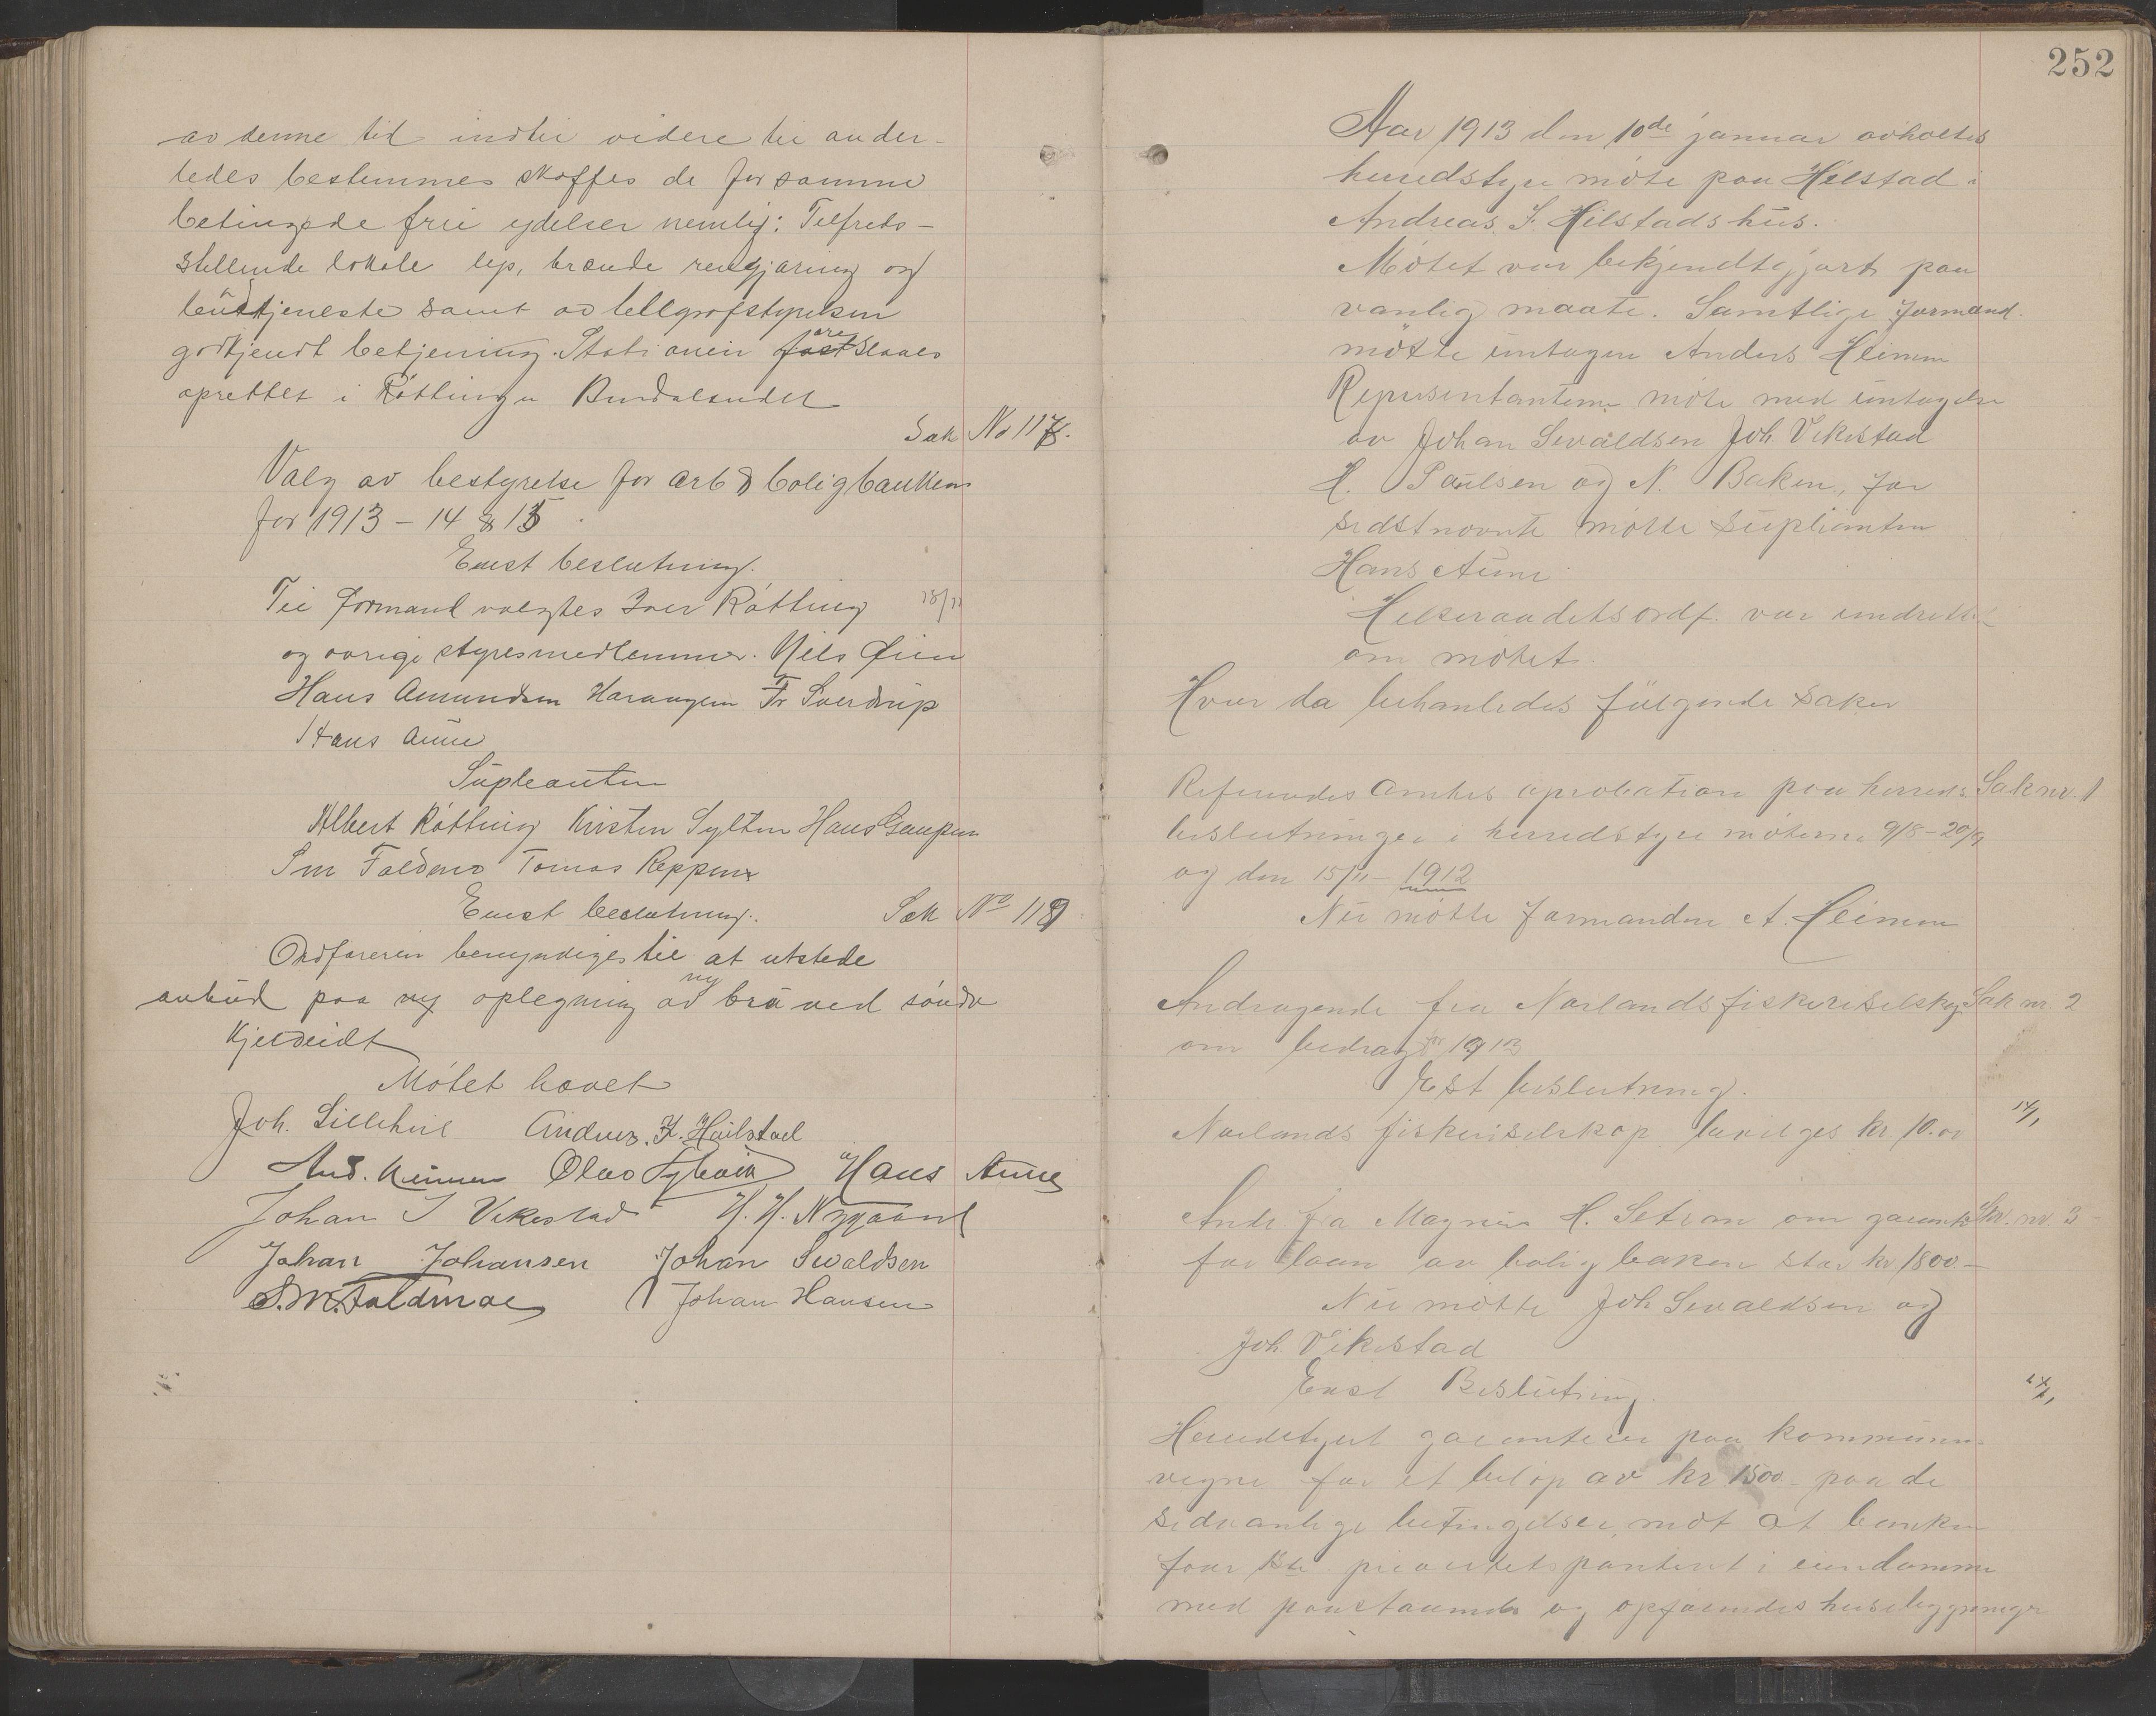 AIN, Bindal kommune. Formannskapet, A/Aa/L0000e: Møtebok, 1903-1914, s. 252